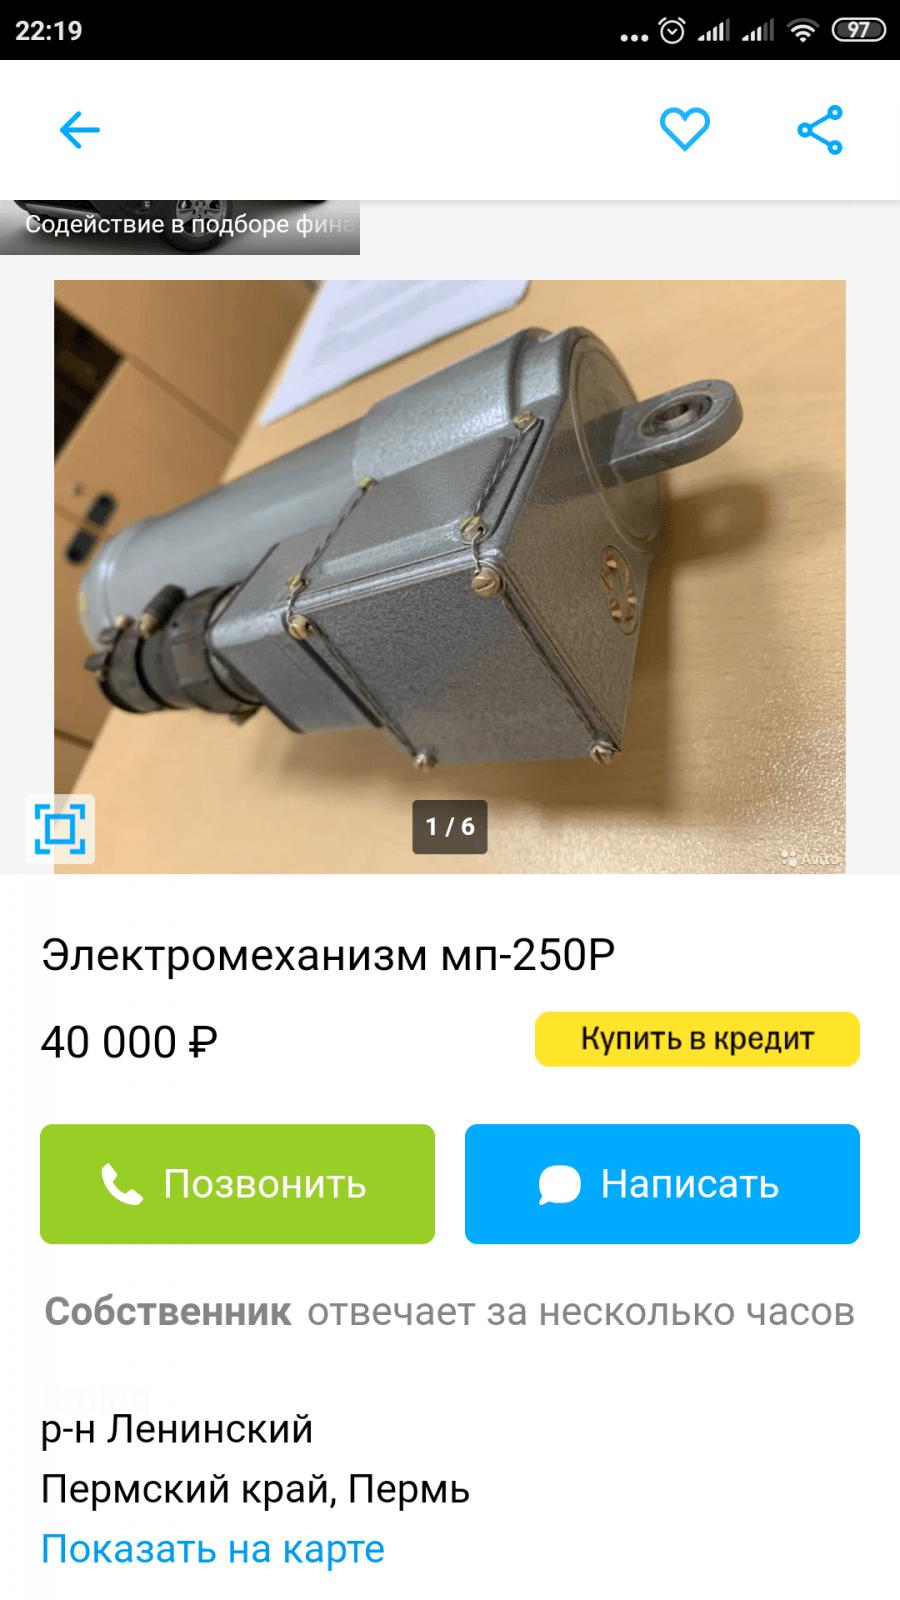 Screenshot_2020-12-29-22-19-19-951_com.android.chrome.png